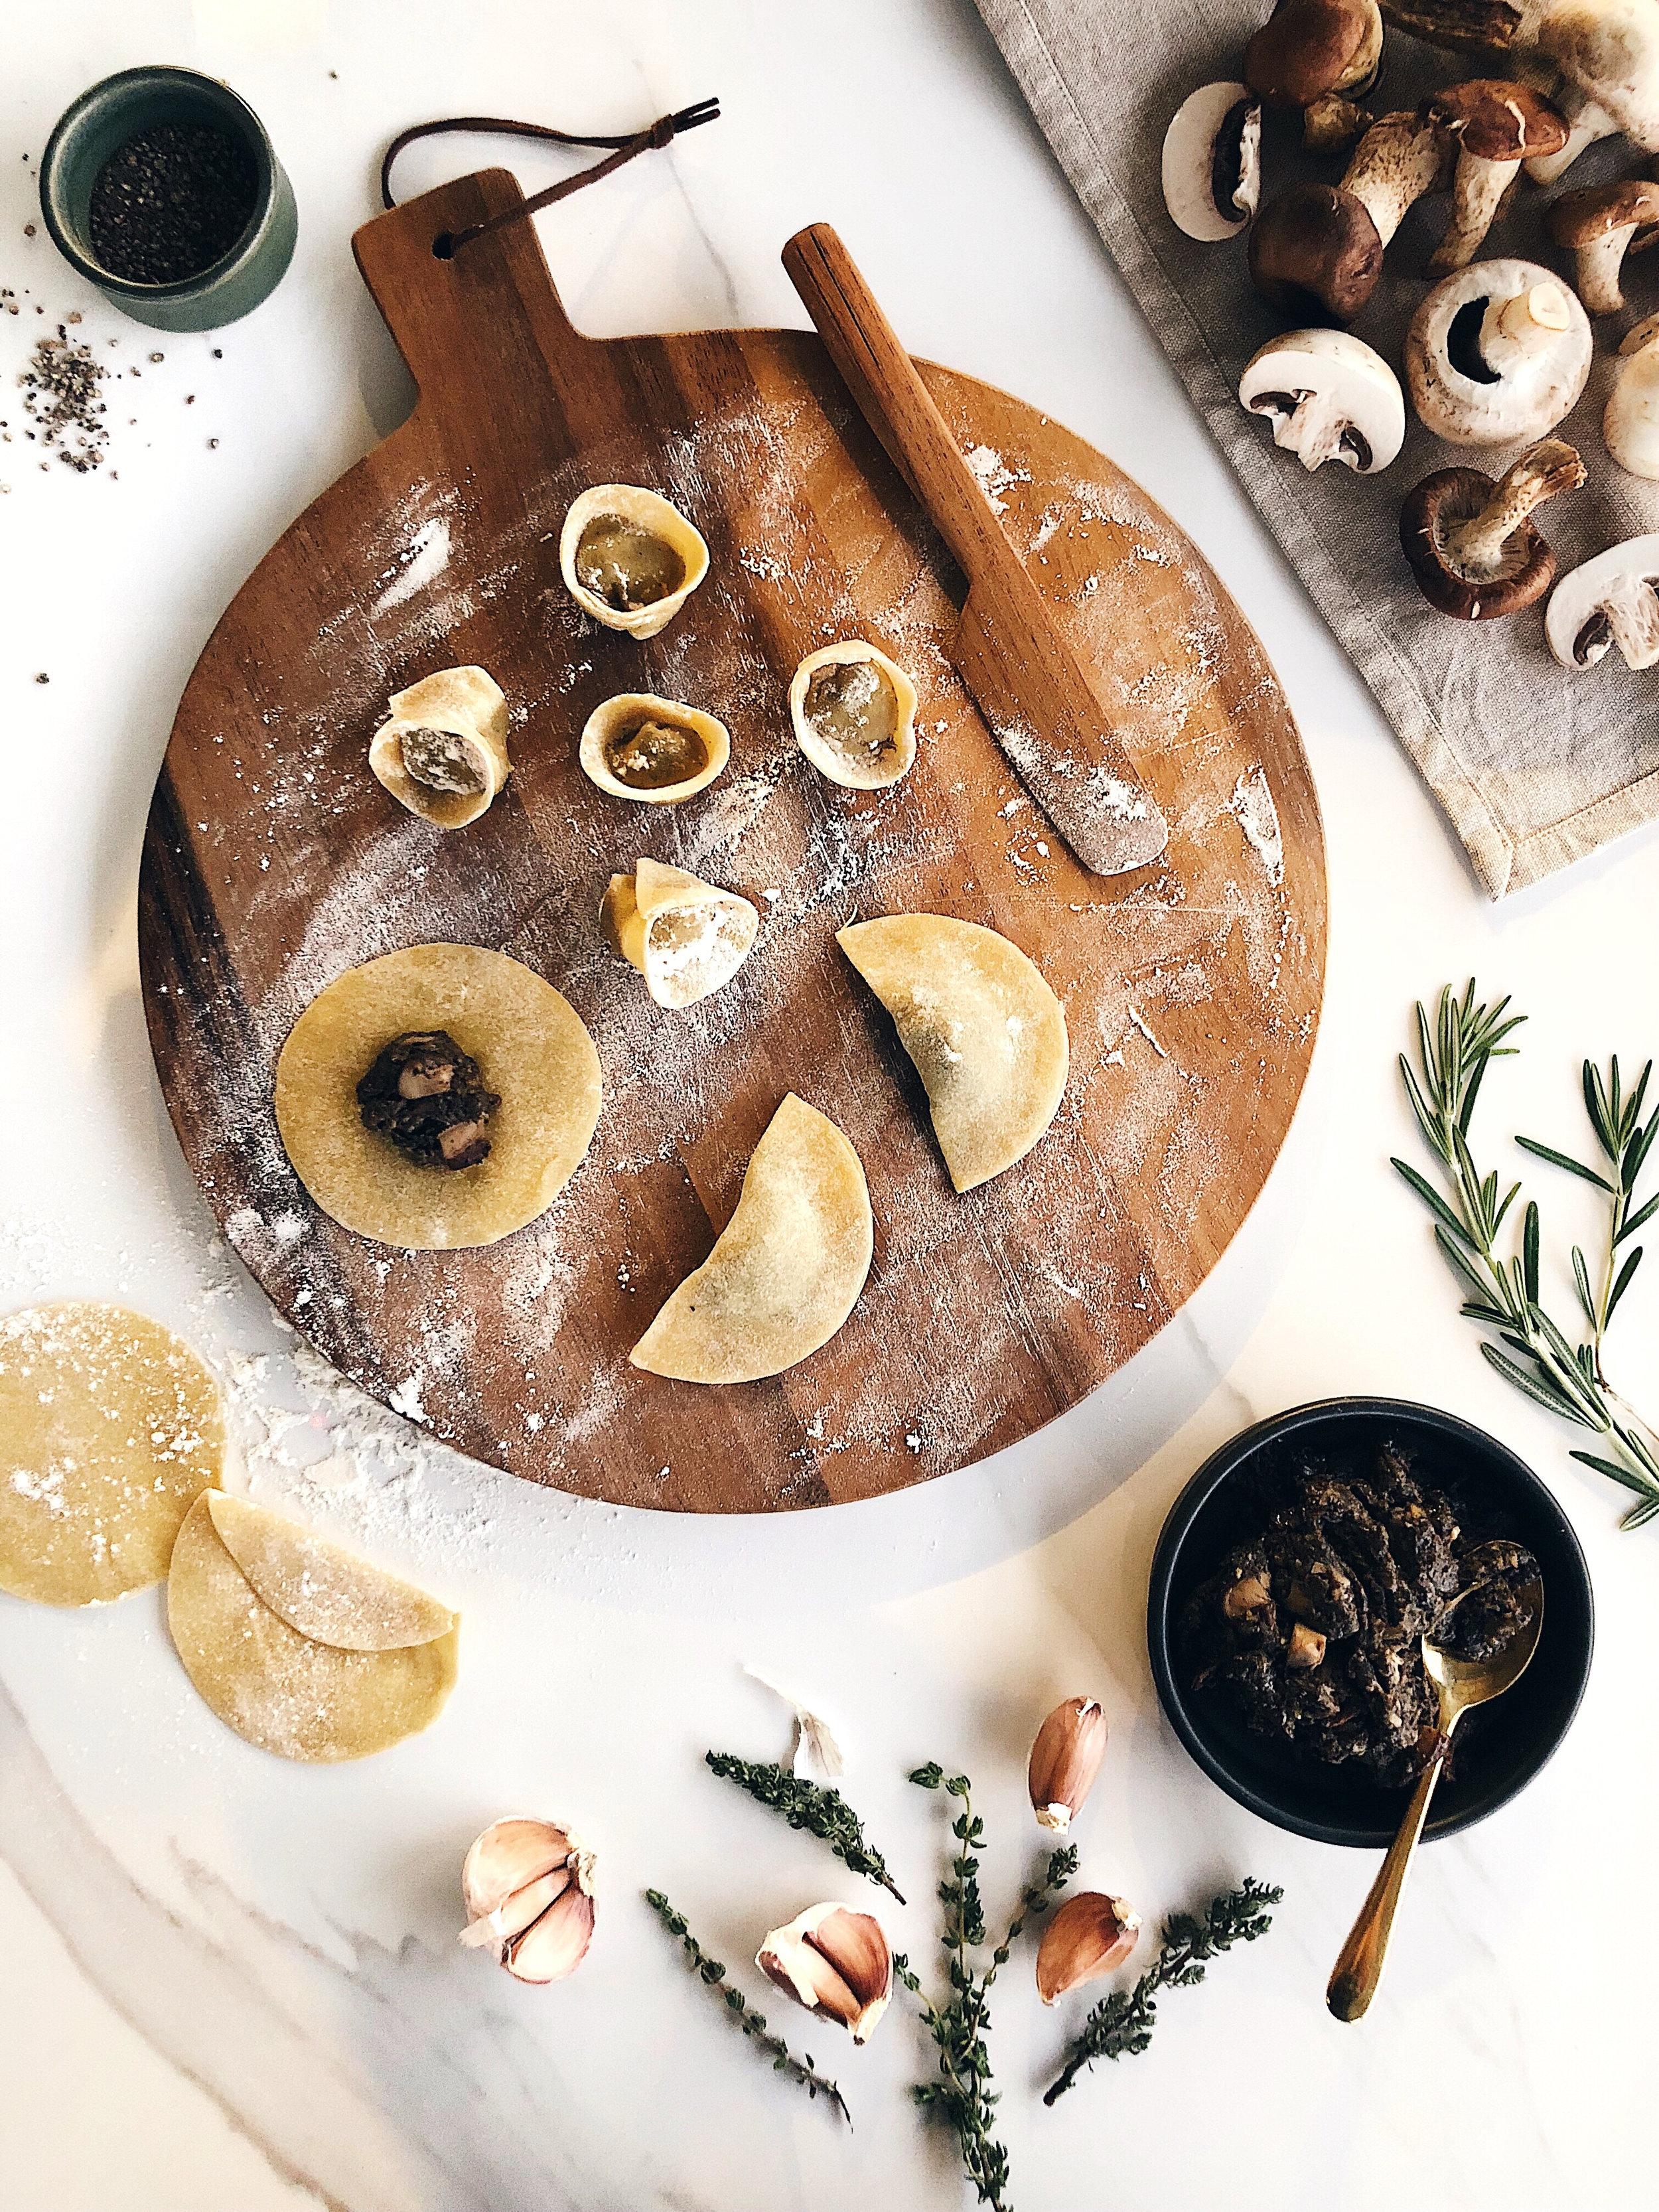 Tortellini from Tropique Cafe & Restaurant